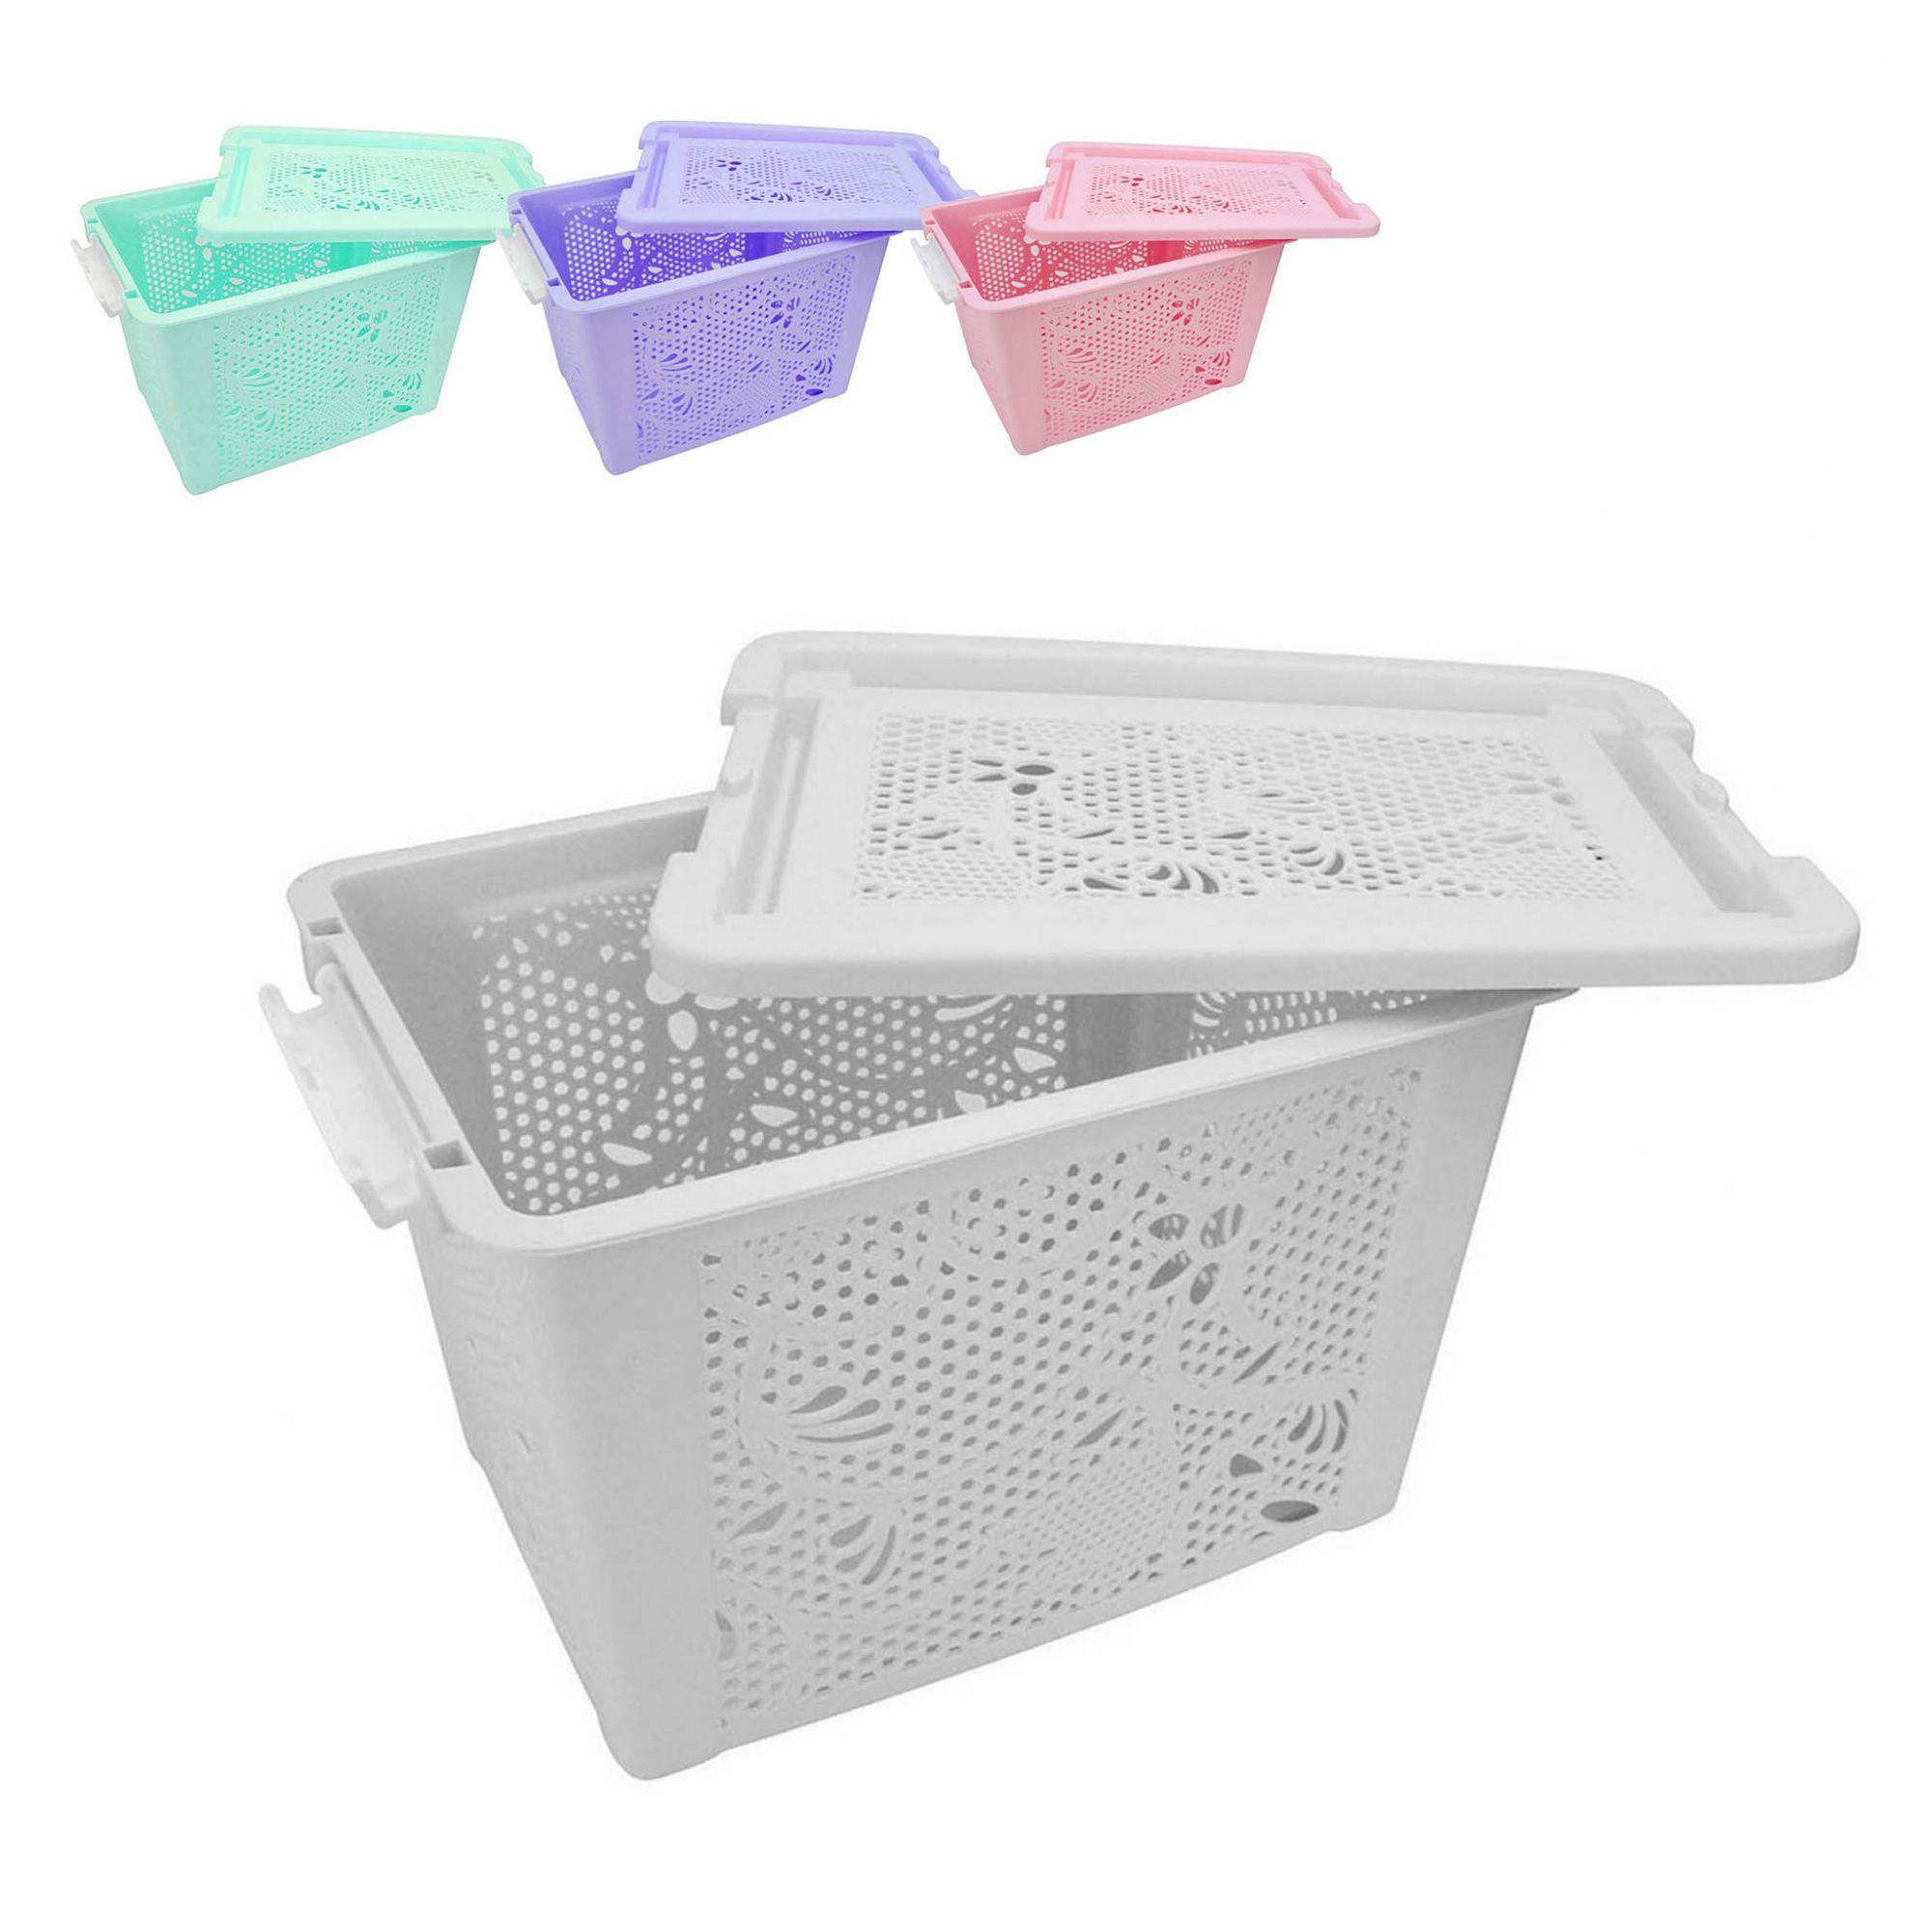 Cesta Plastica Organizadora com tampa 44X32X18cm